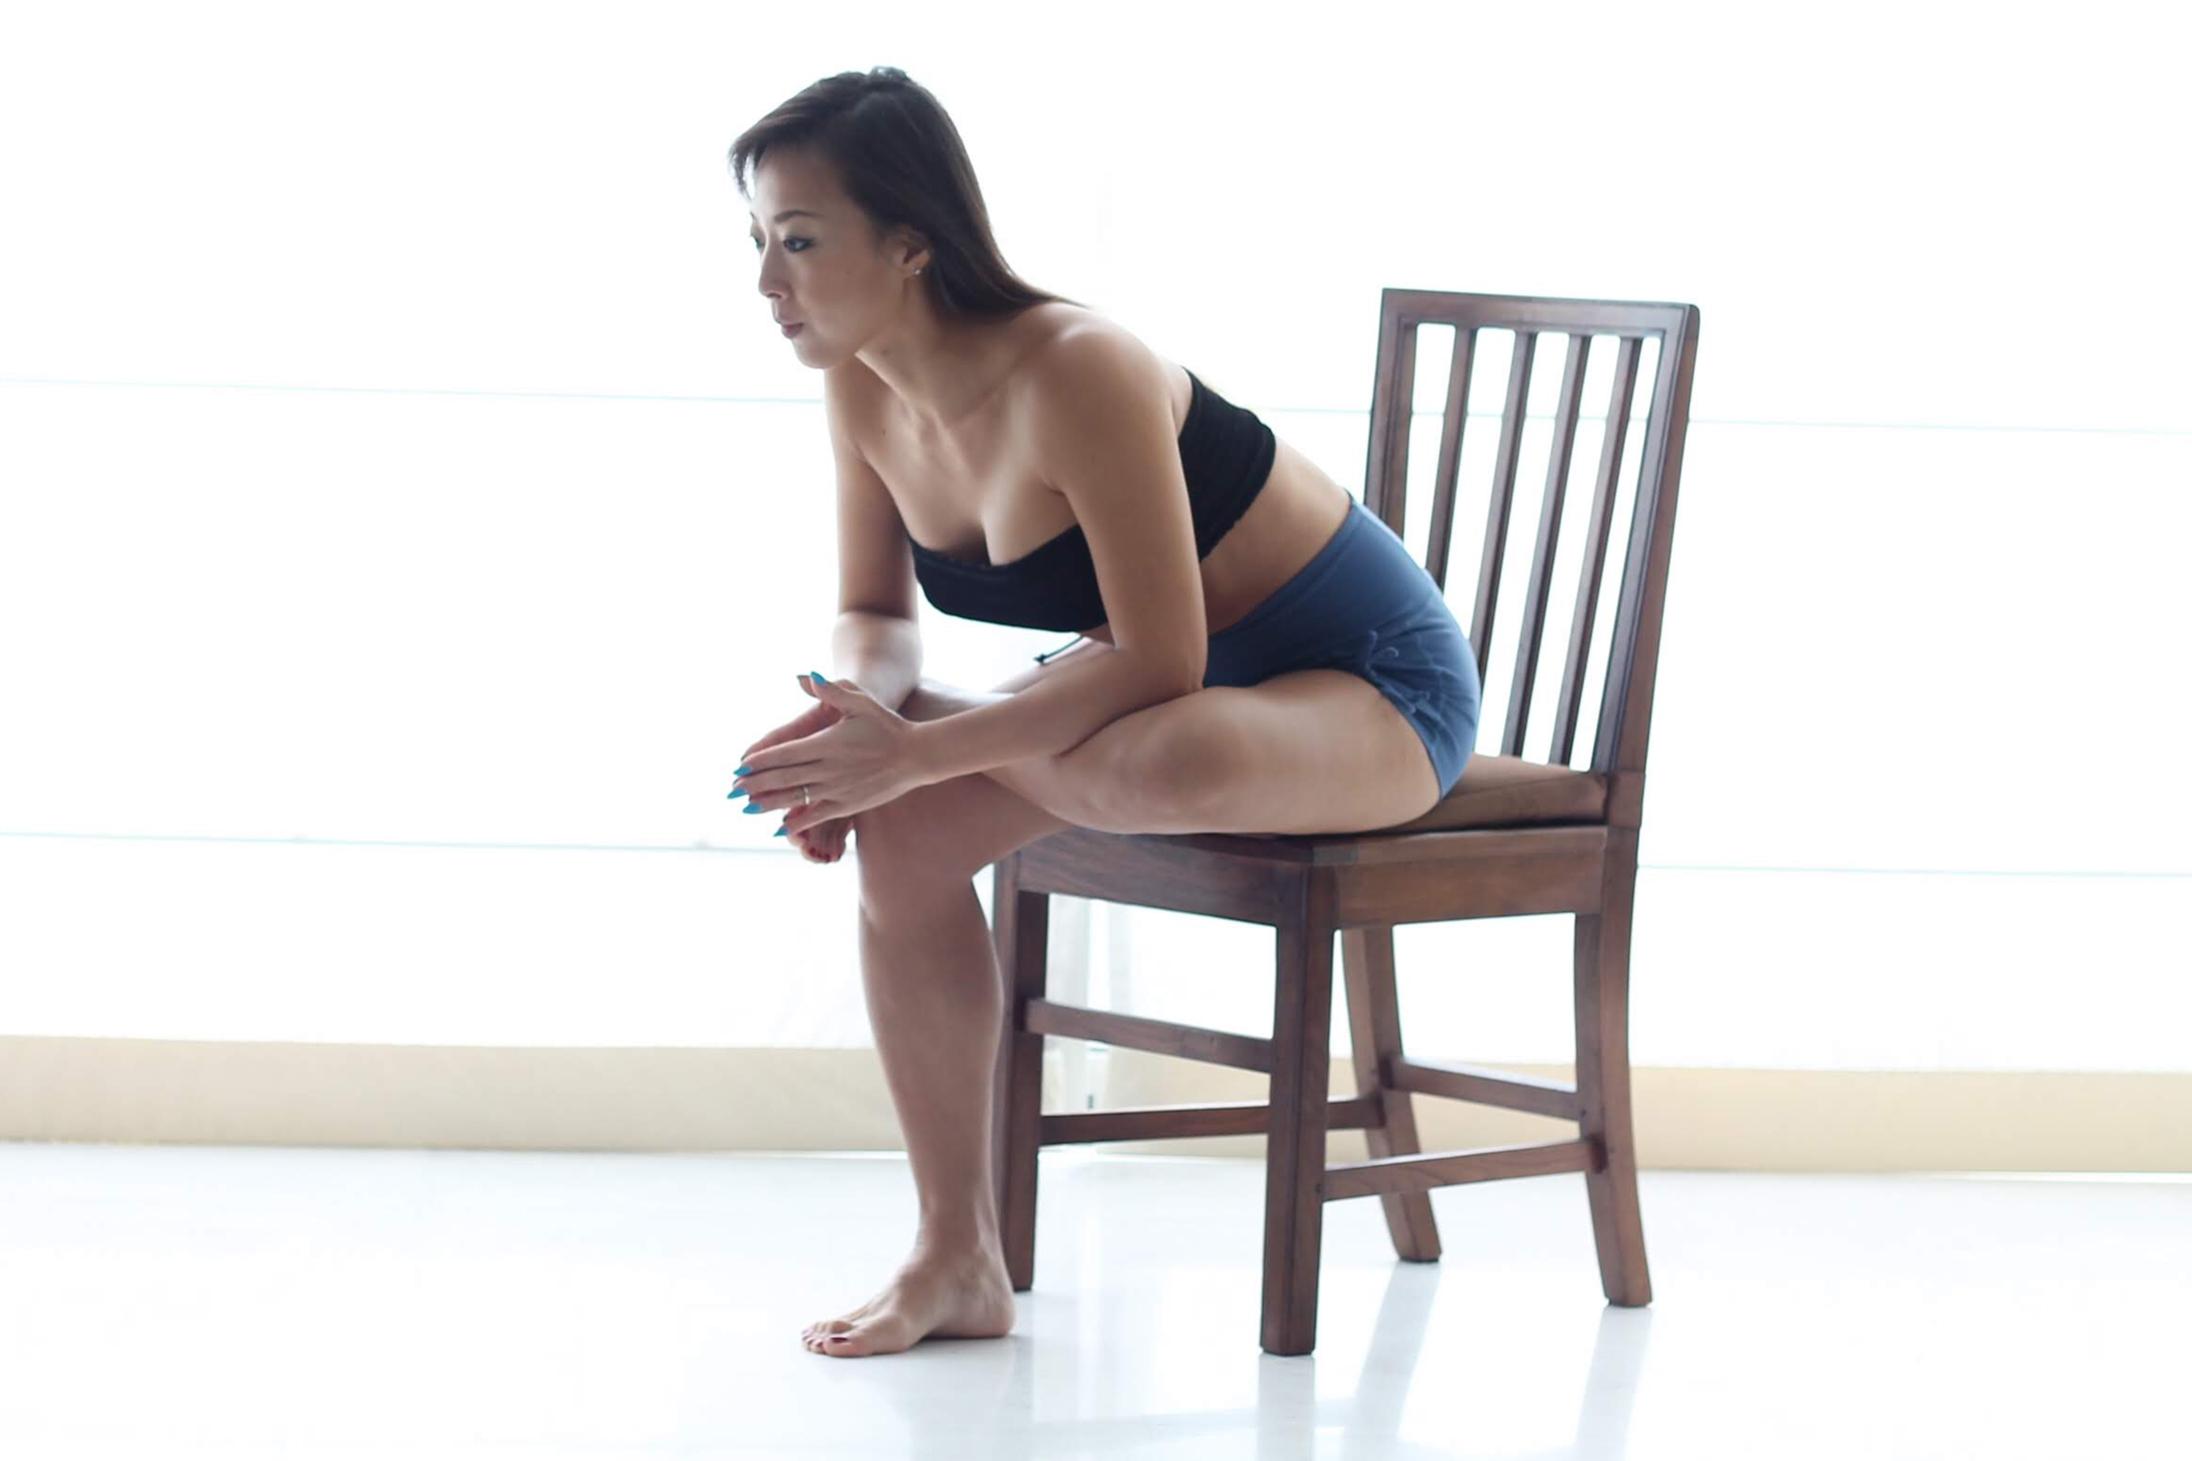 椅子に座った鳩のポーズ